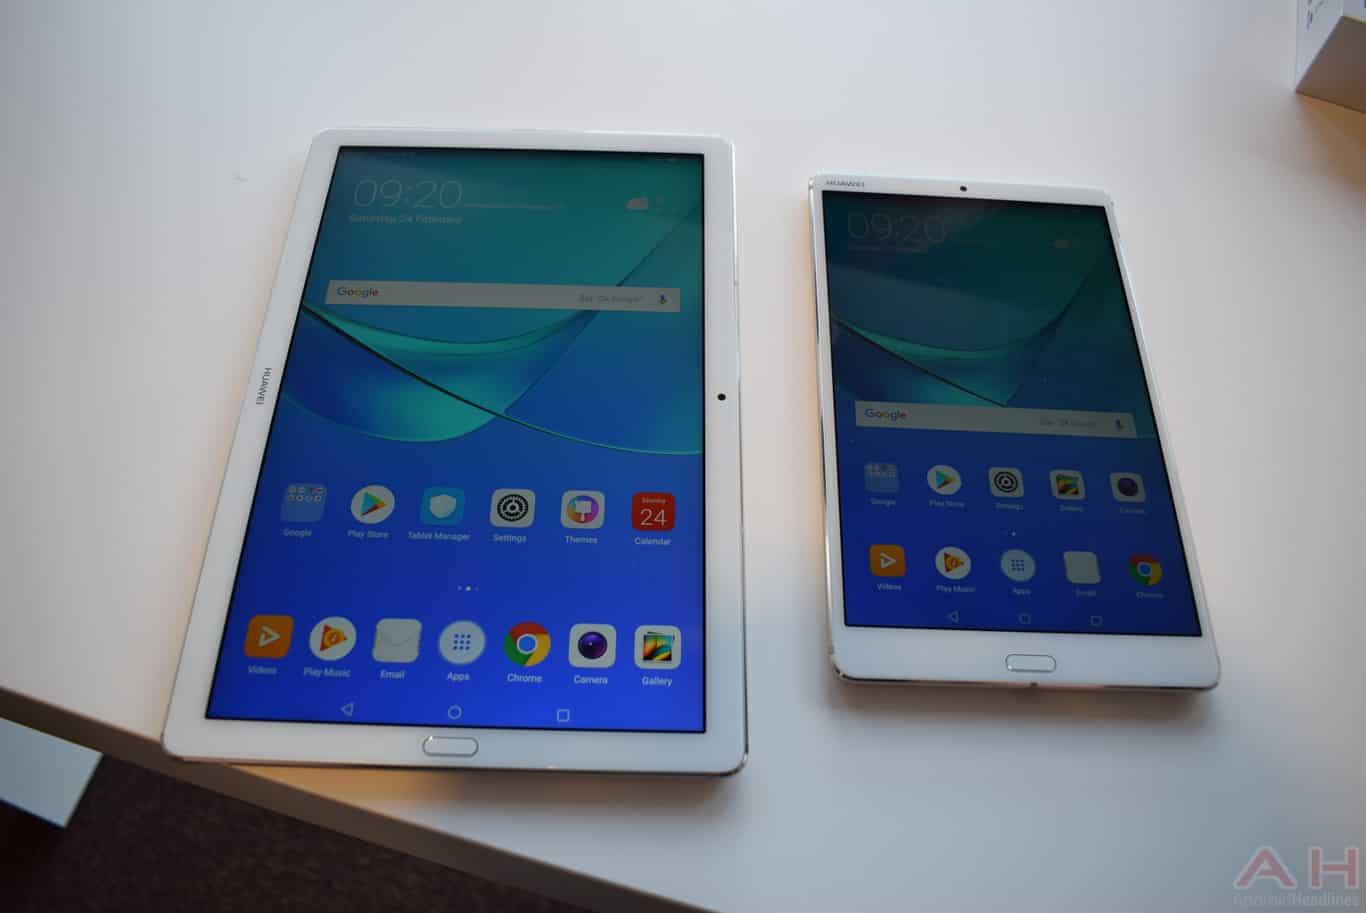 Huawei MediaPad M5 8.4 inch MWC 18 AM AH 13